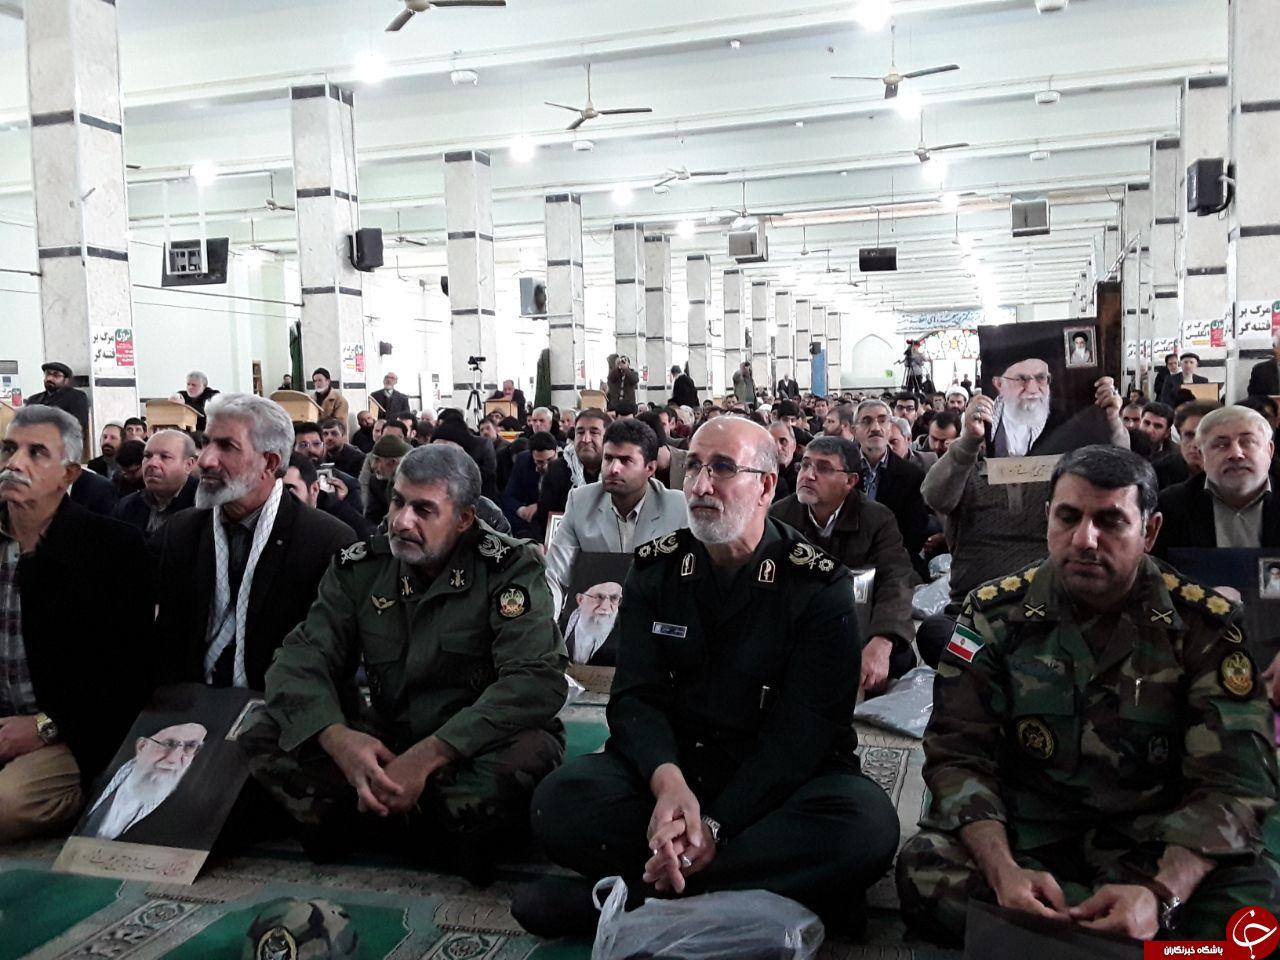 برگزاری مراسم باشکوه  ۹ دی  +تصاویر از سراسر استان کرمانشاه